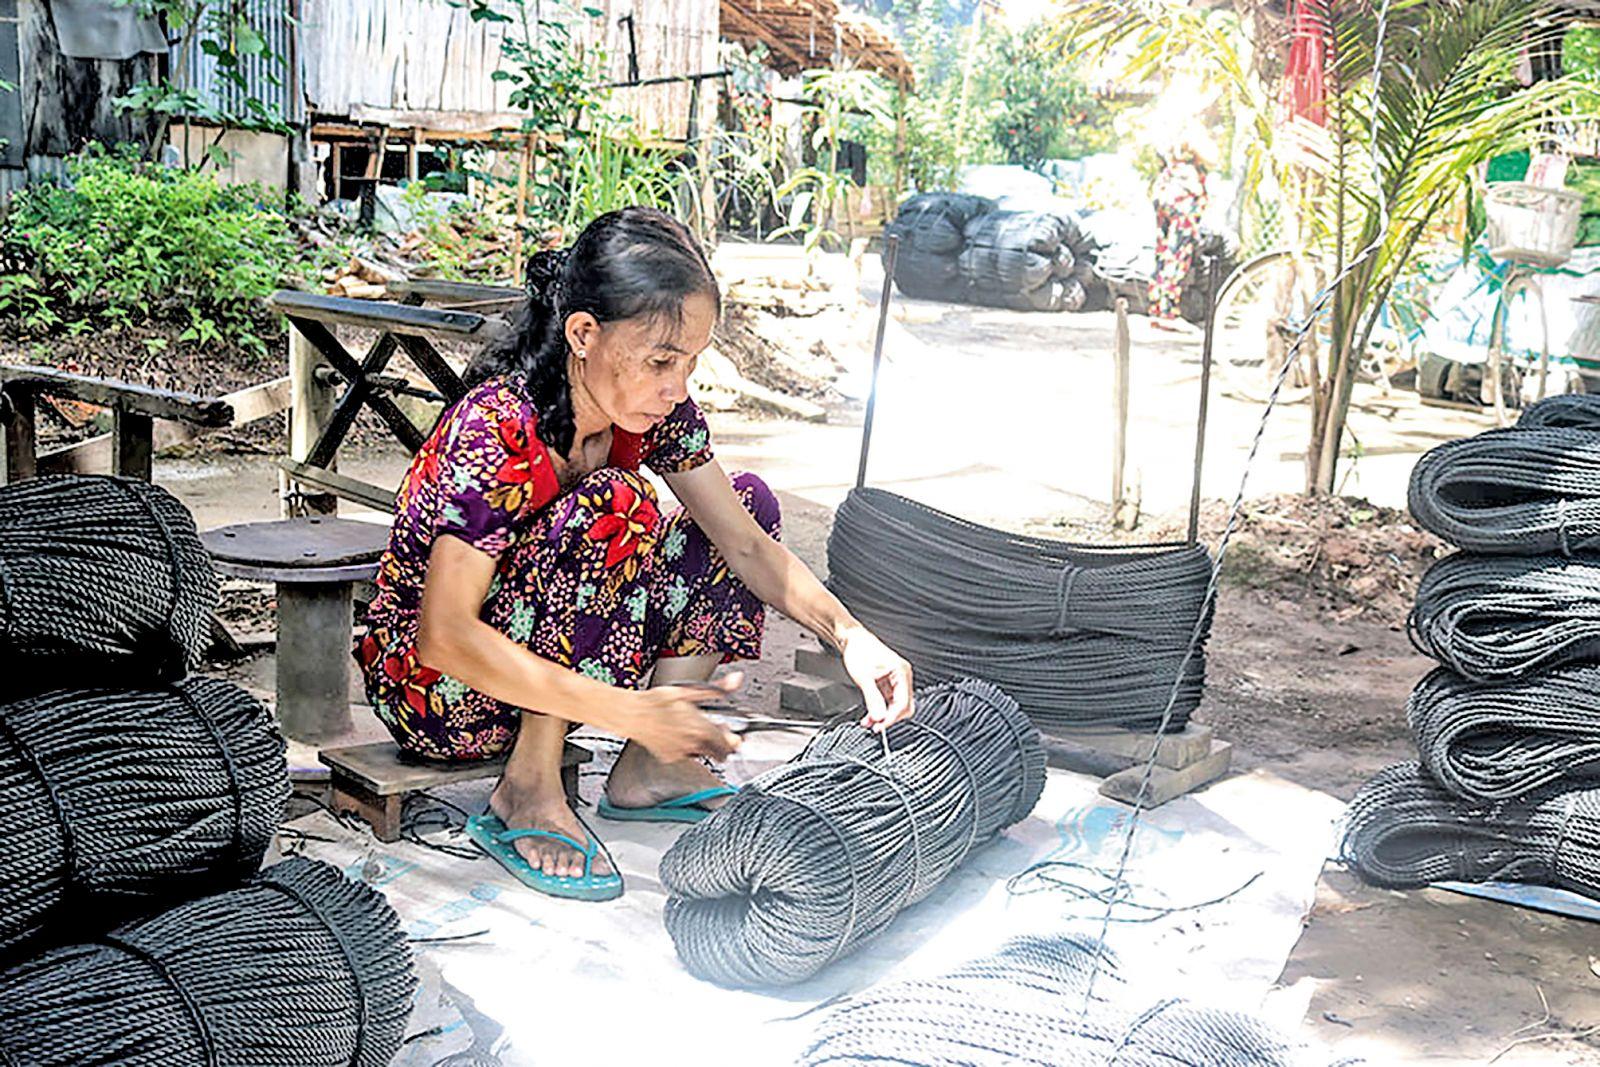 Sản xuất dây keo ở xã Mỹ Hội Đông. Ảnh: PHI ĐIỆP